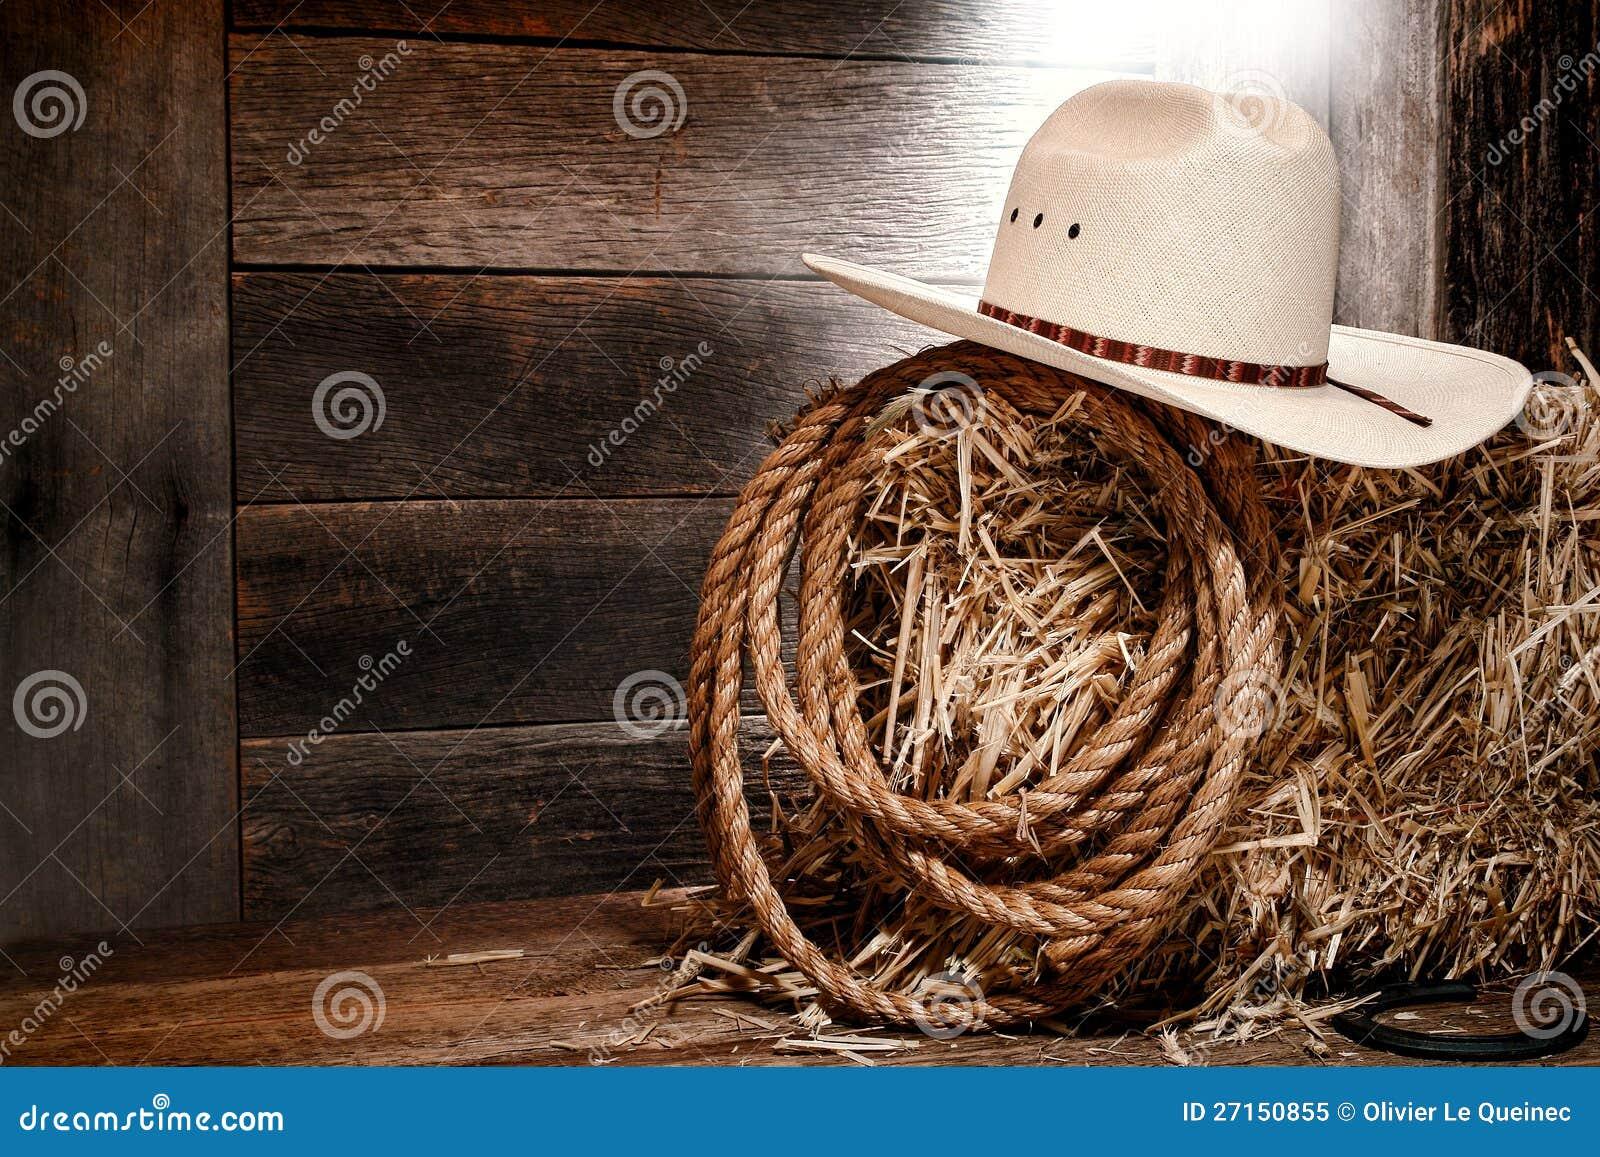 Celerhuak Cappelli da Cowboy in Paglia per Bambini Cappello da Bagnino in Paglia per Ragazzi Ragazze Uomini Cappello da Cowboy in Paglia Cappello da Panama allaperto Cappello da Sole Lama da Sole